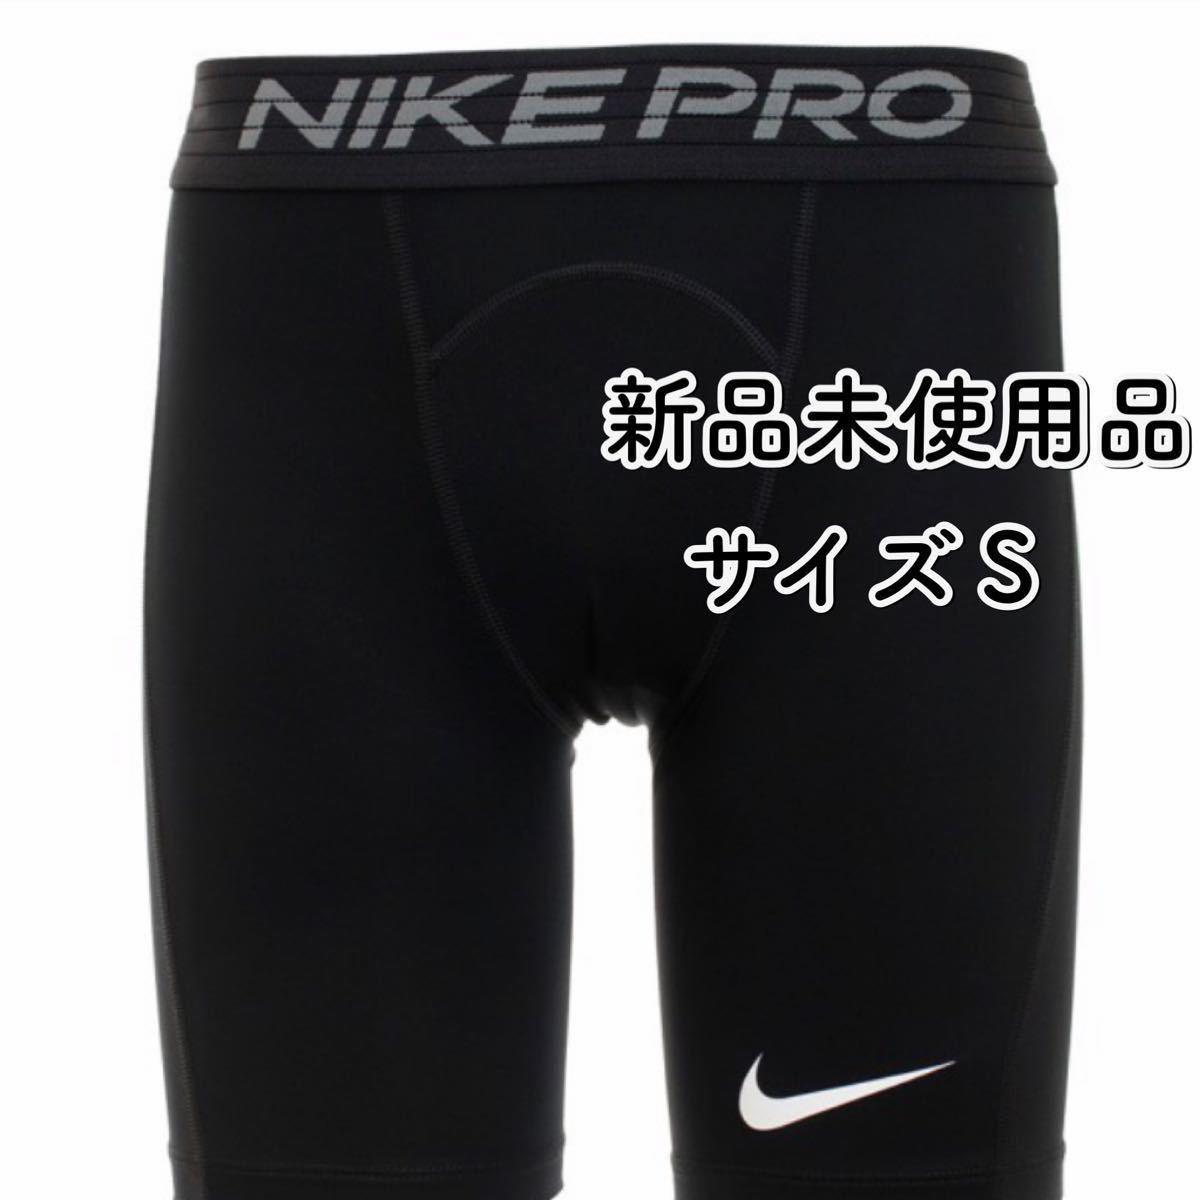 ナイキ NIKE PRO コンプレッション ショートタイツ メンズS BV5636